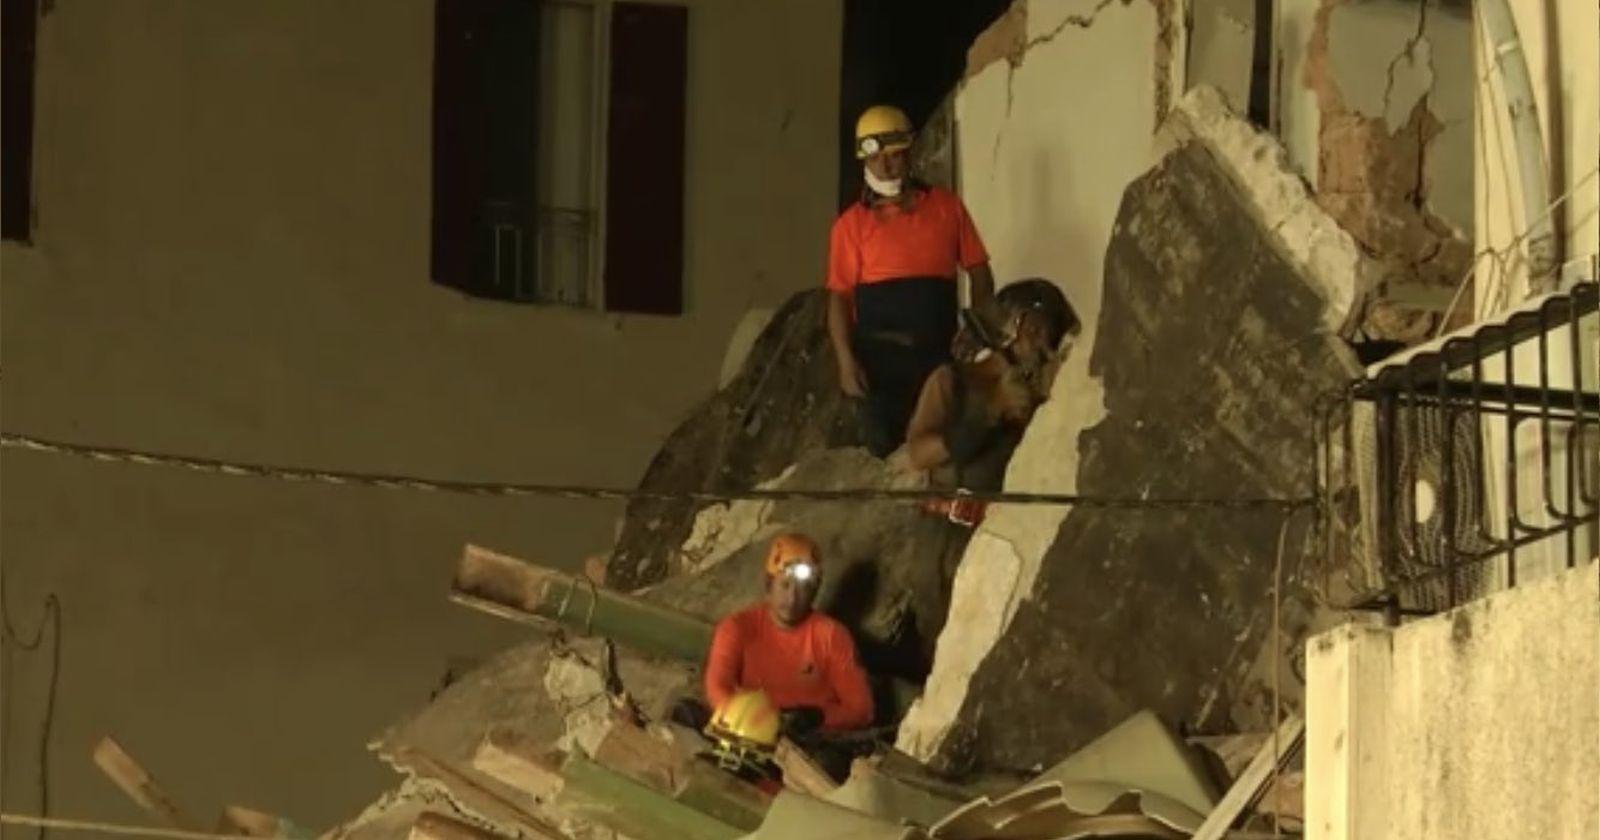 VIDEO – Rescatistas chilenos investigan señales de vida en medio de los escombros de Beirut